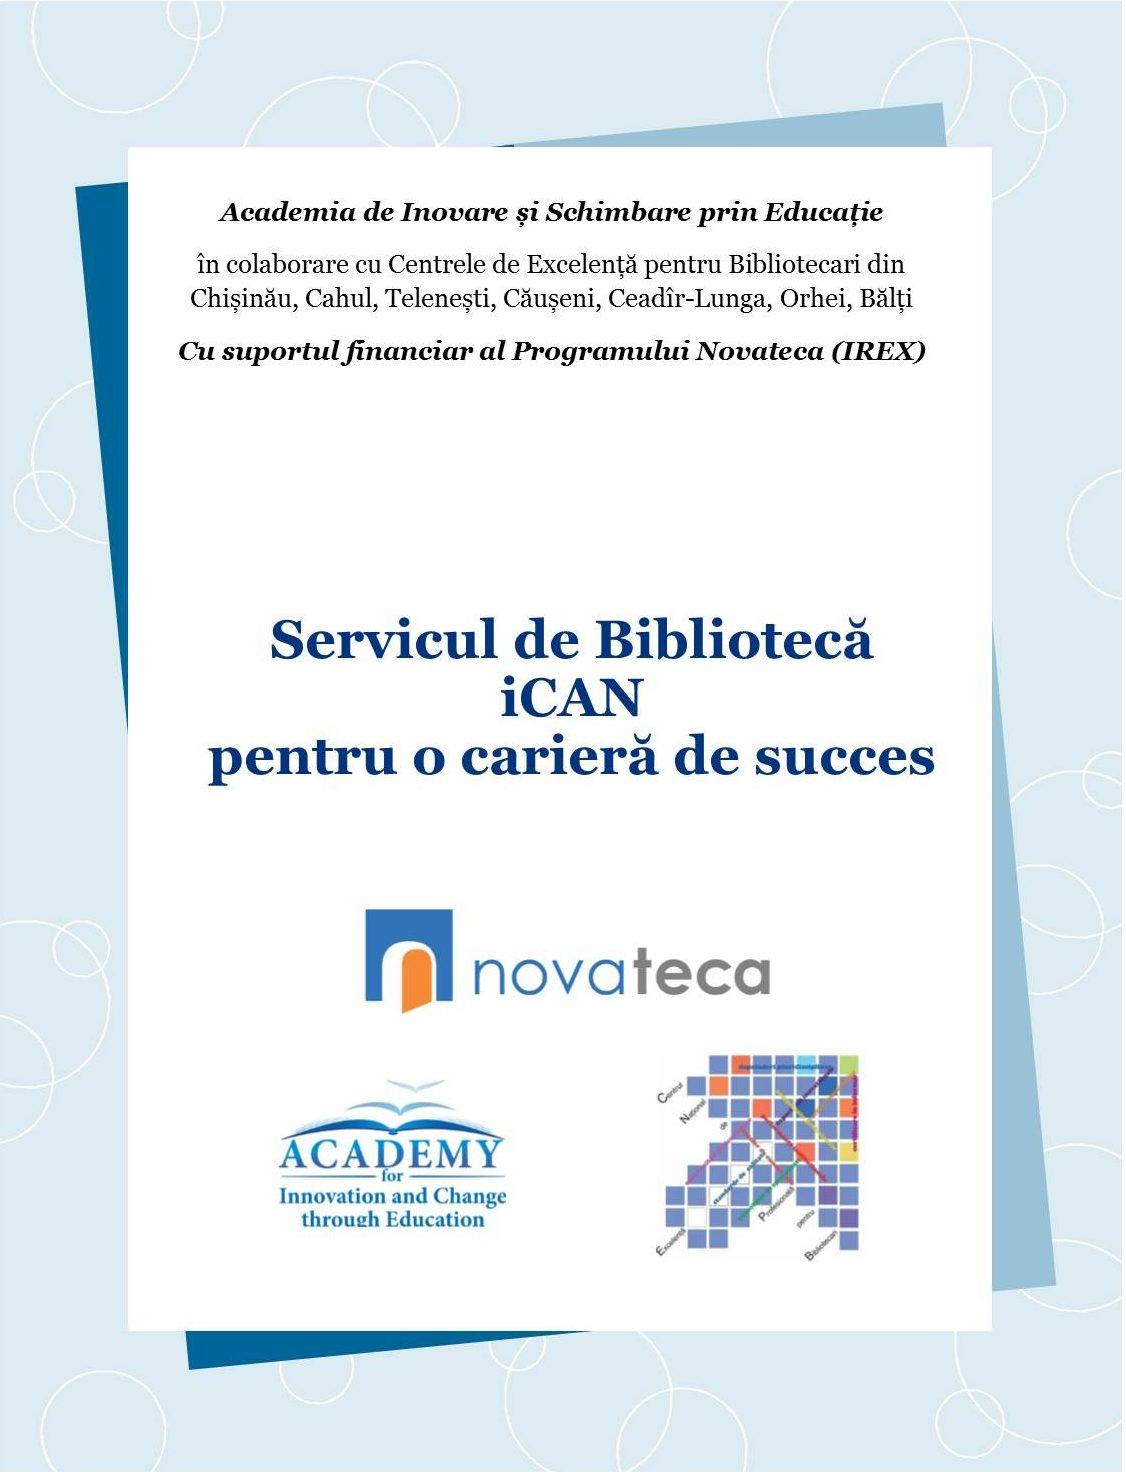 """Proiect Biblioteci """"Servicul de bibliotecă iCAN pentru o carieră de succes"""""""